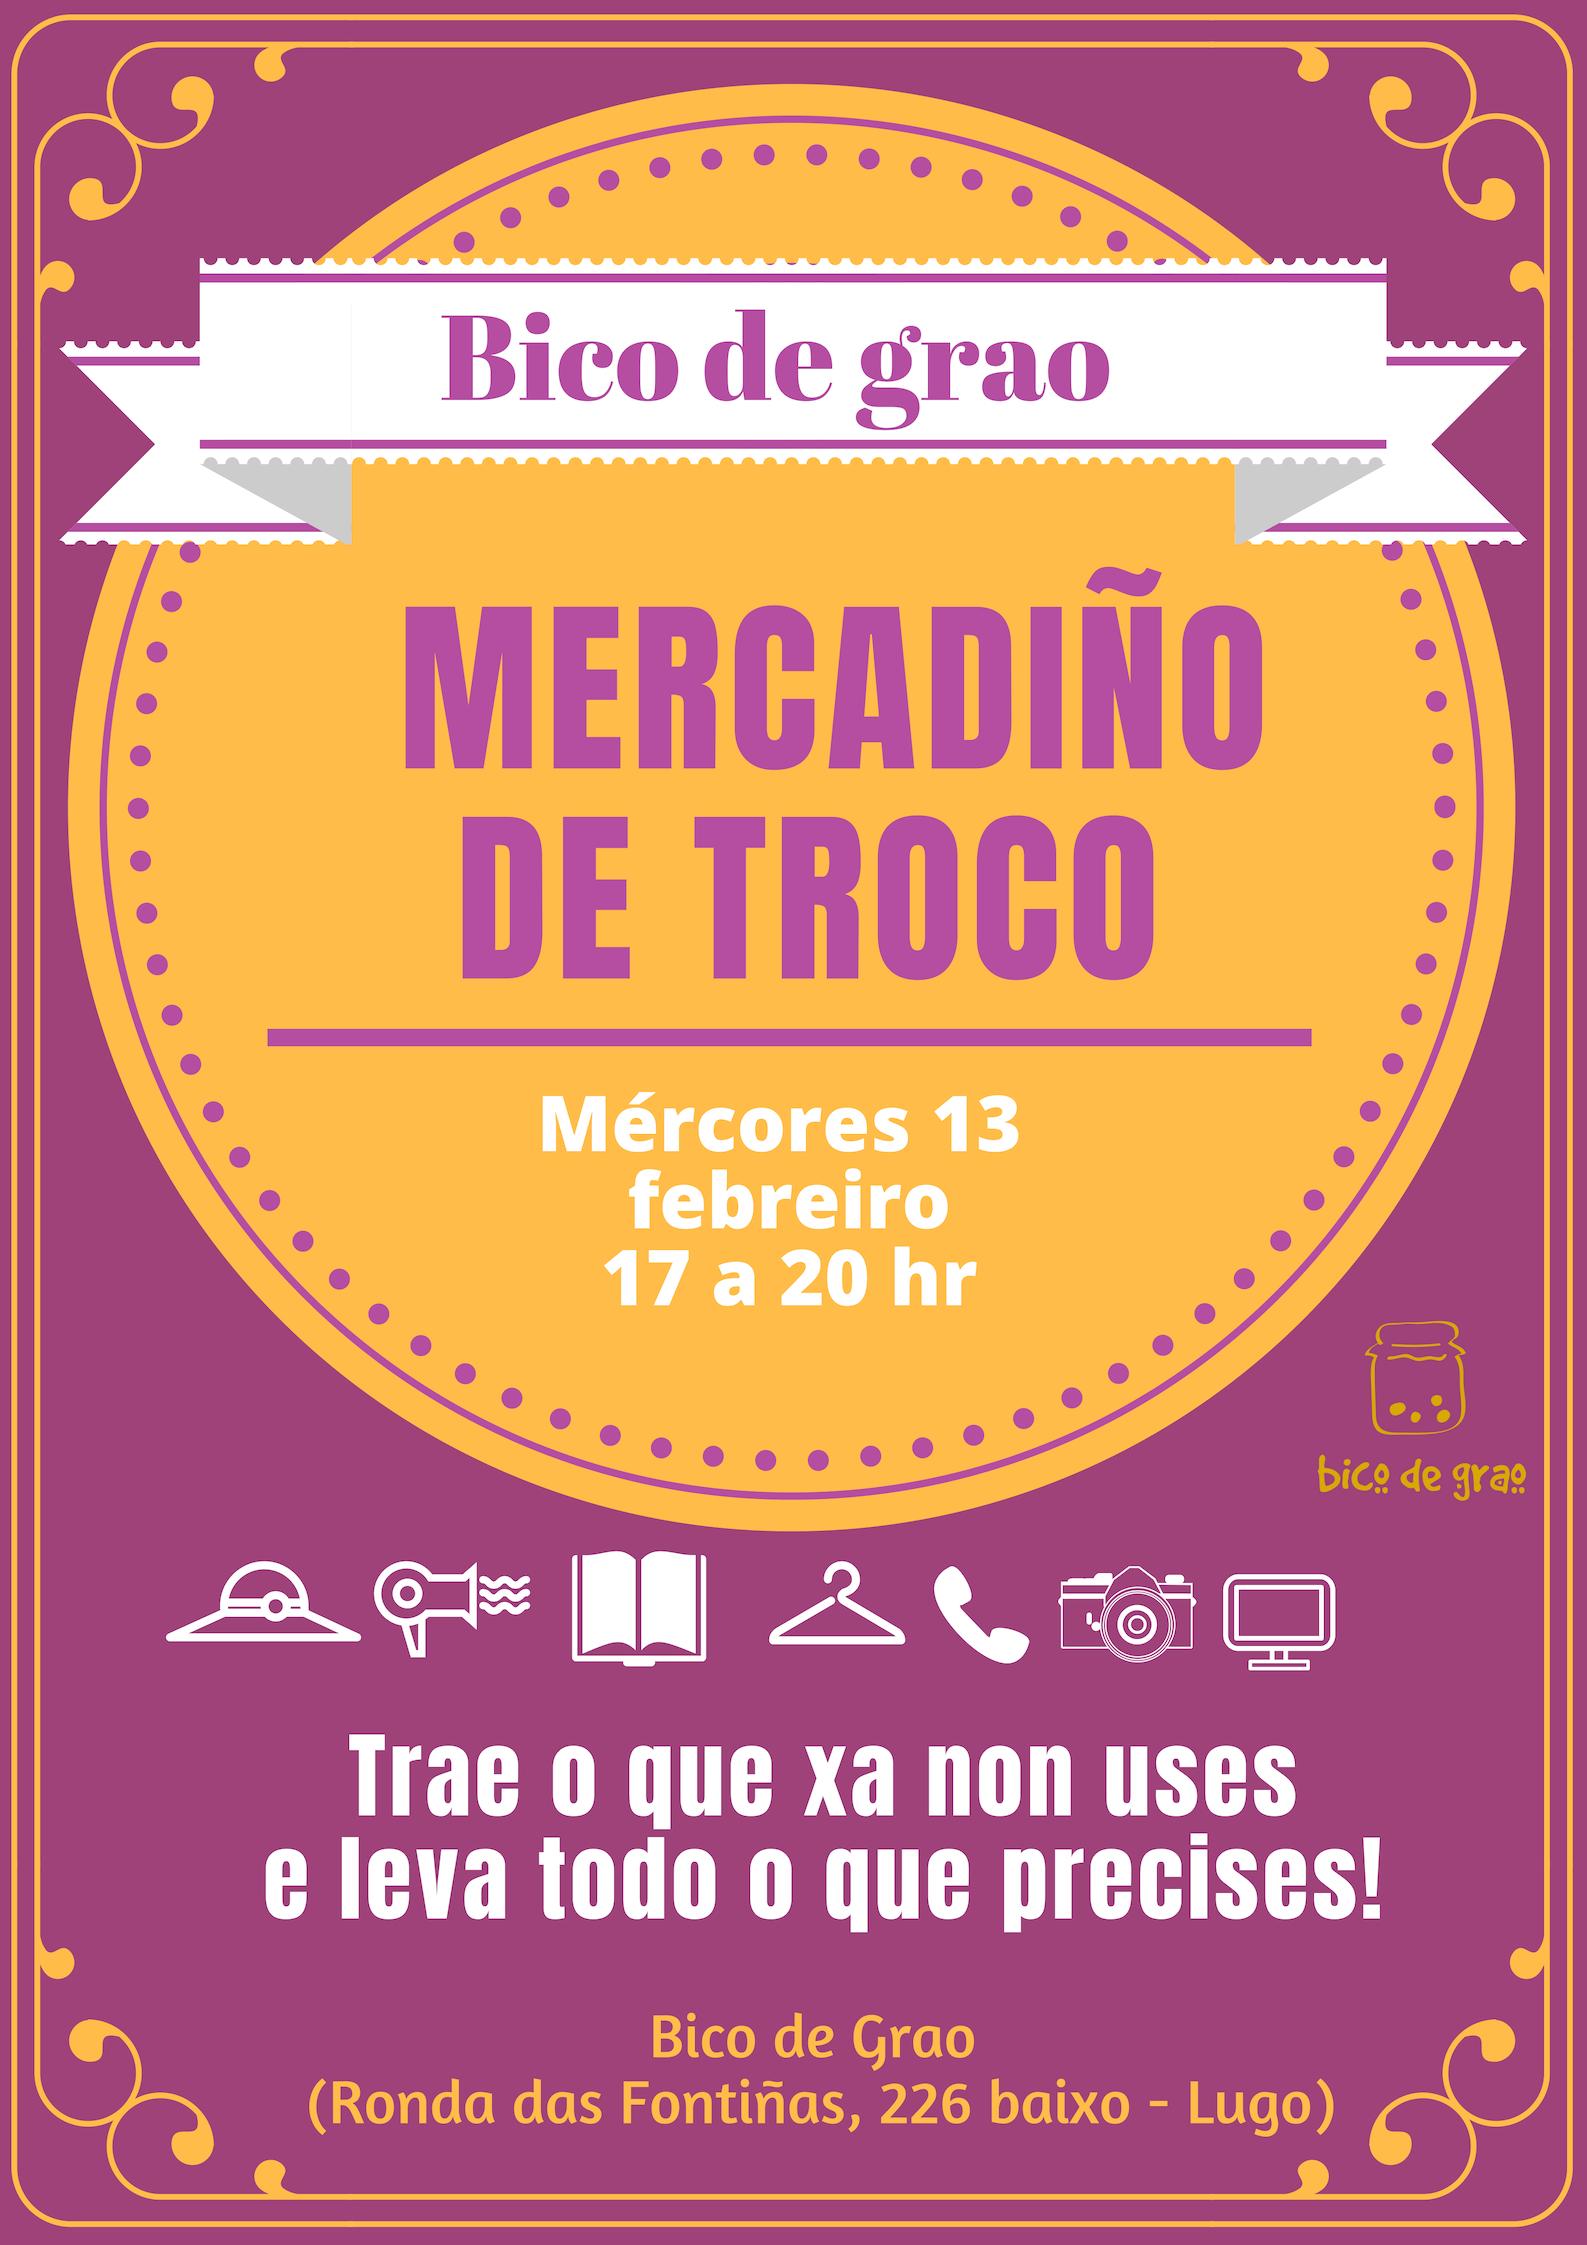 Actividades en Bico de Grao - Lugo